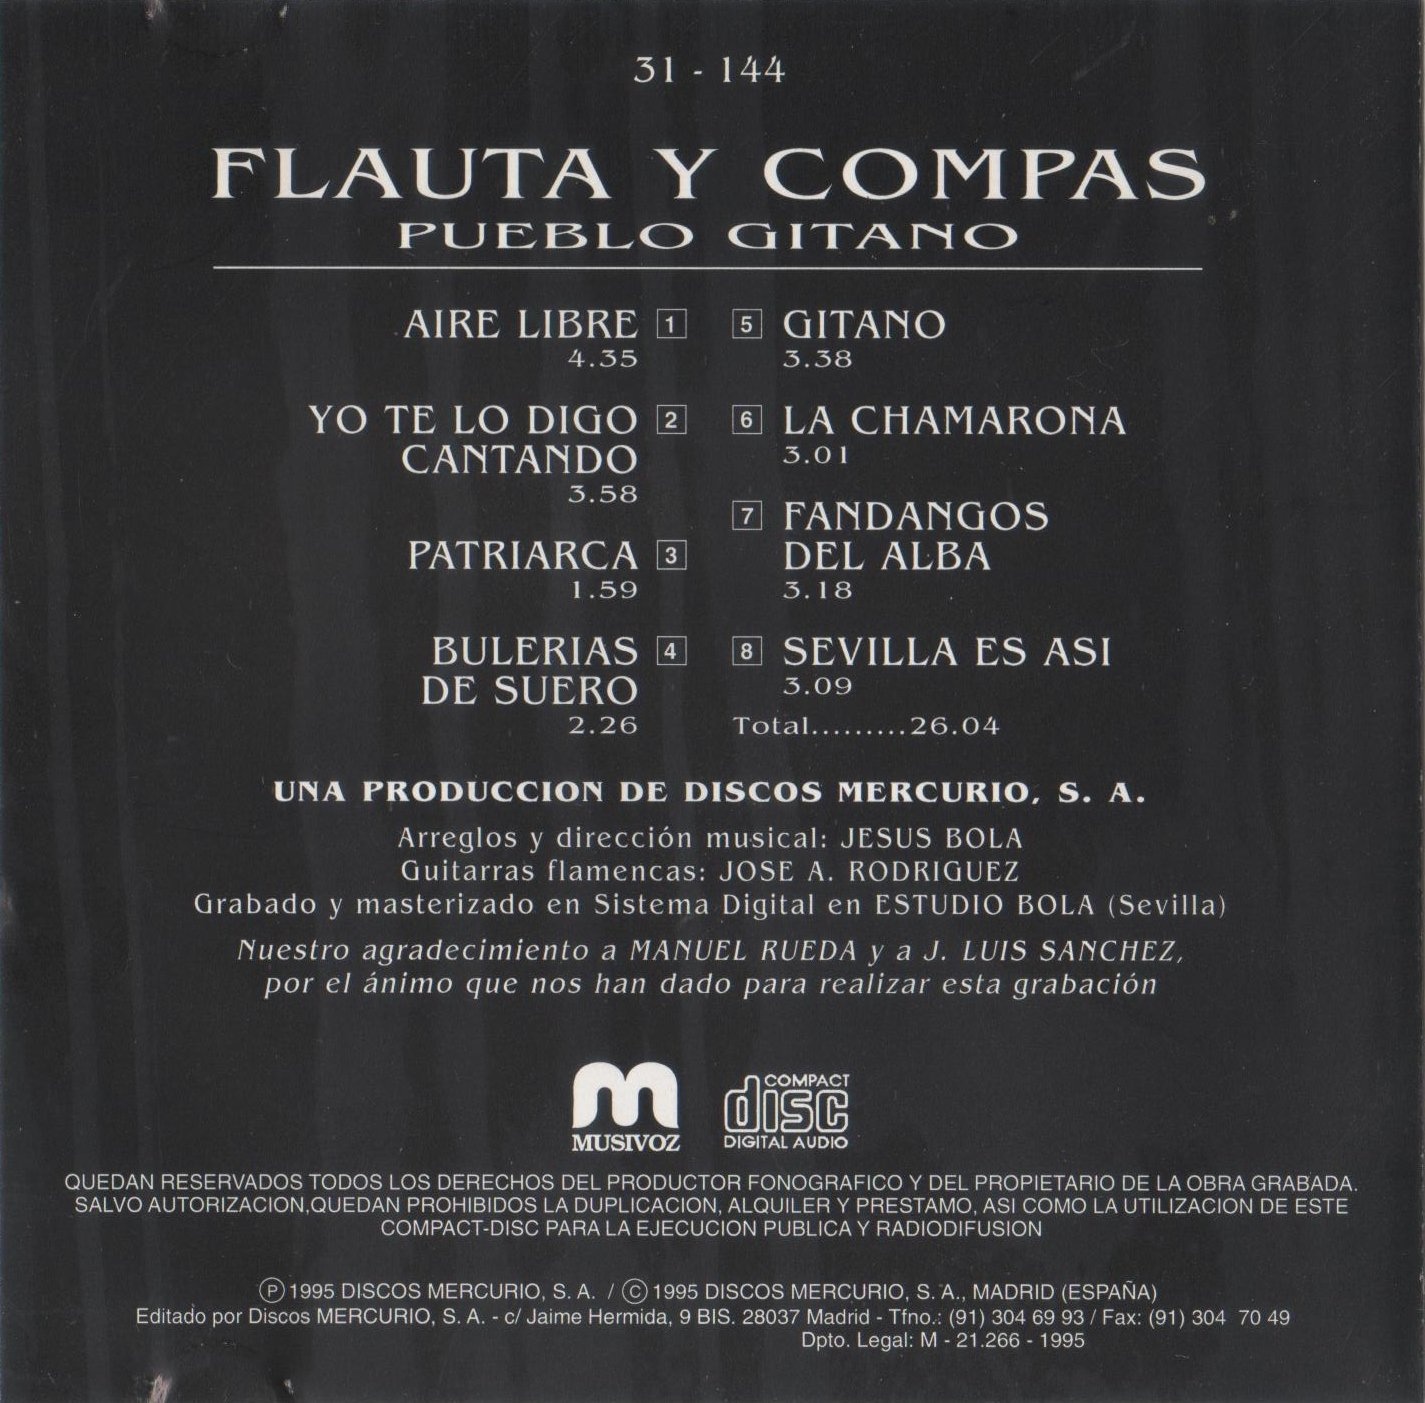 Flauta y Compas: Pueblo Gitano: Amazon.es: Música